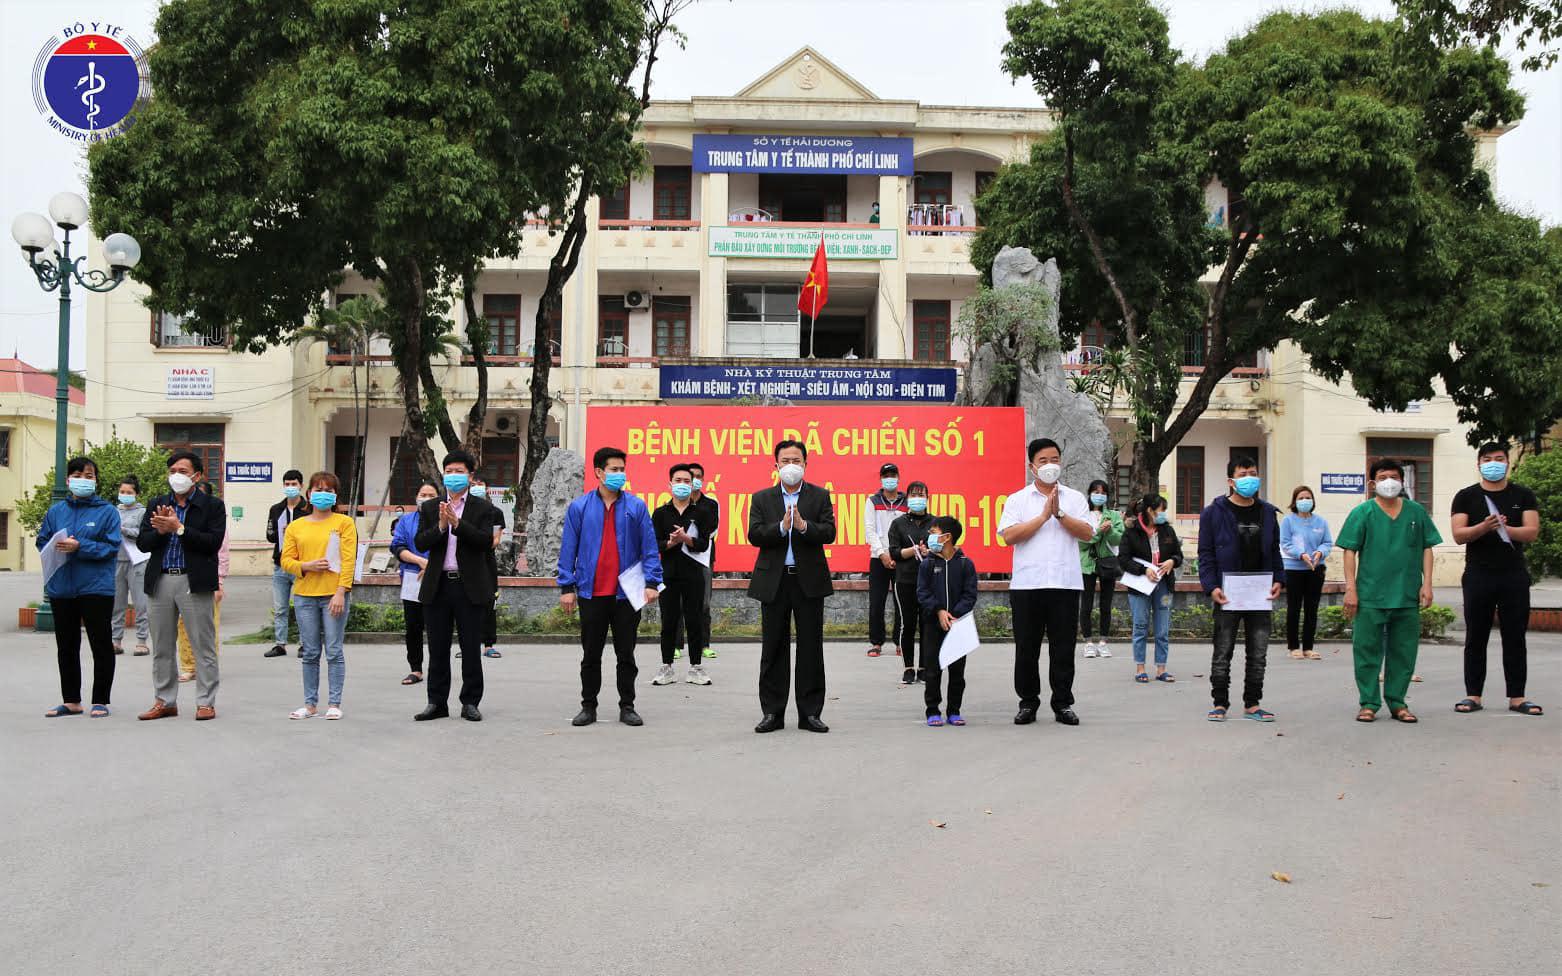 Hải Dương giải thể Bệnh viện Dã chiến số 1, hoàn thành sứ mệnh lịch sử!